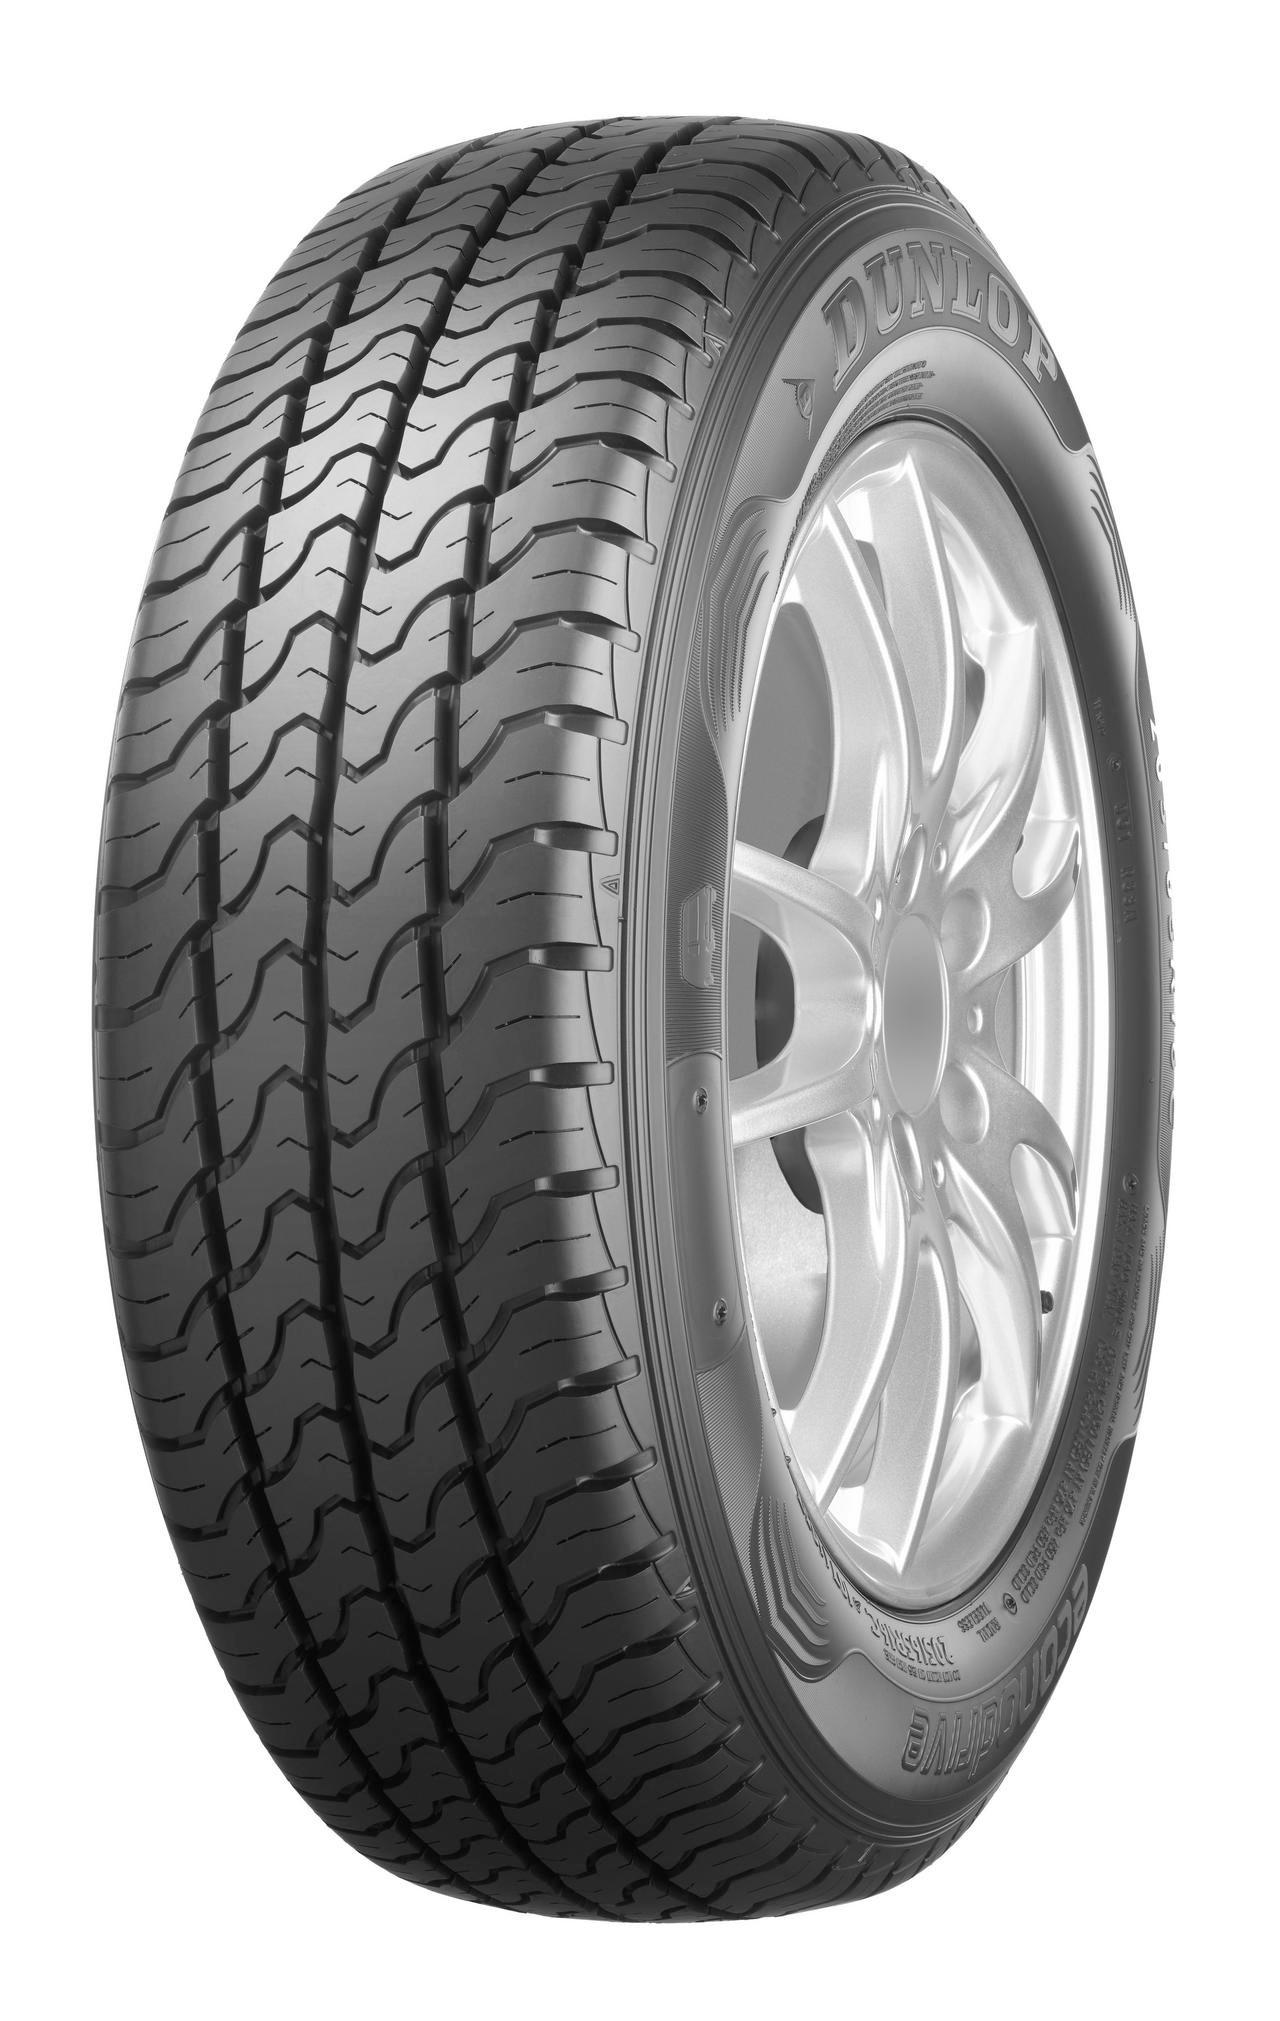 Dunlop Econodrive 225/70R15C 112/110S